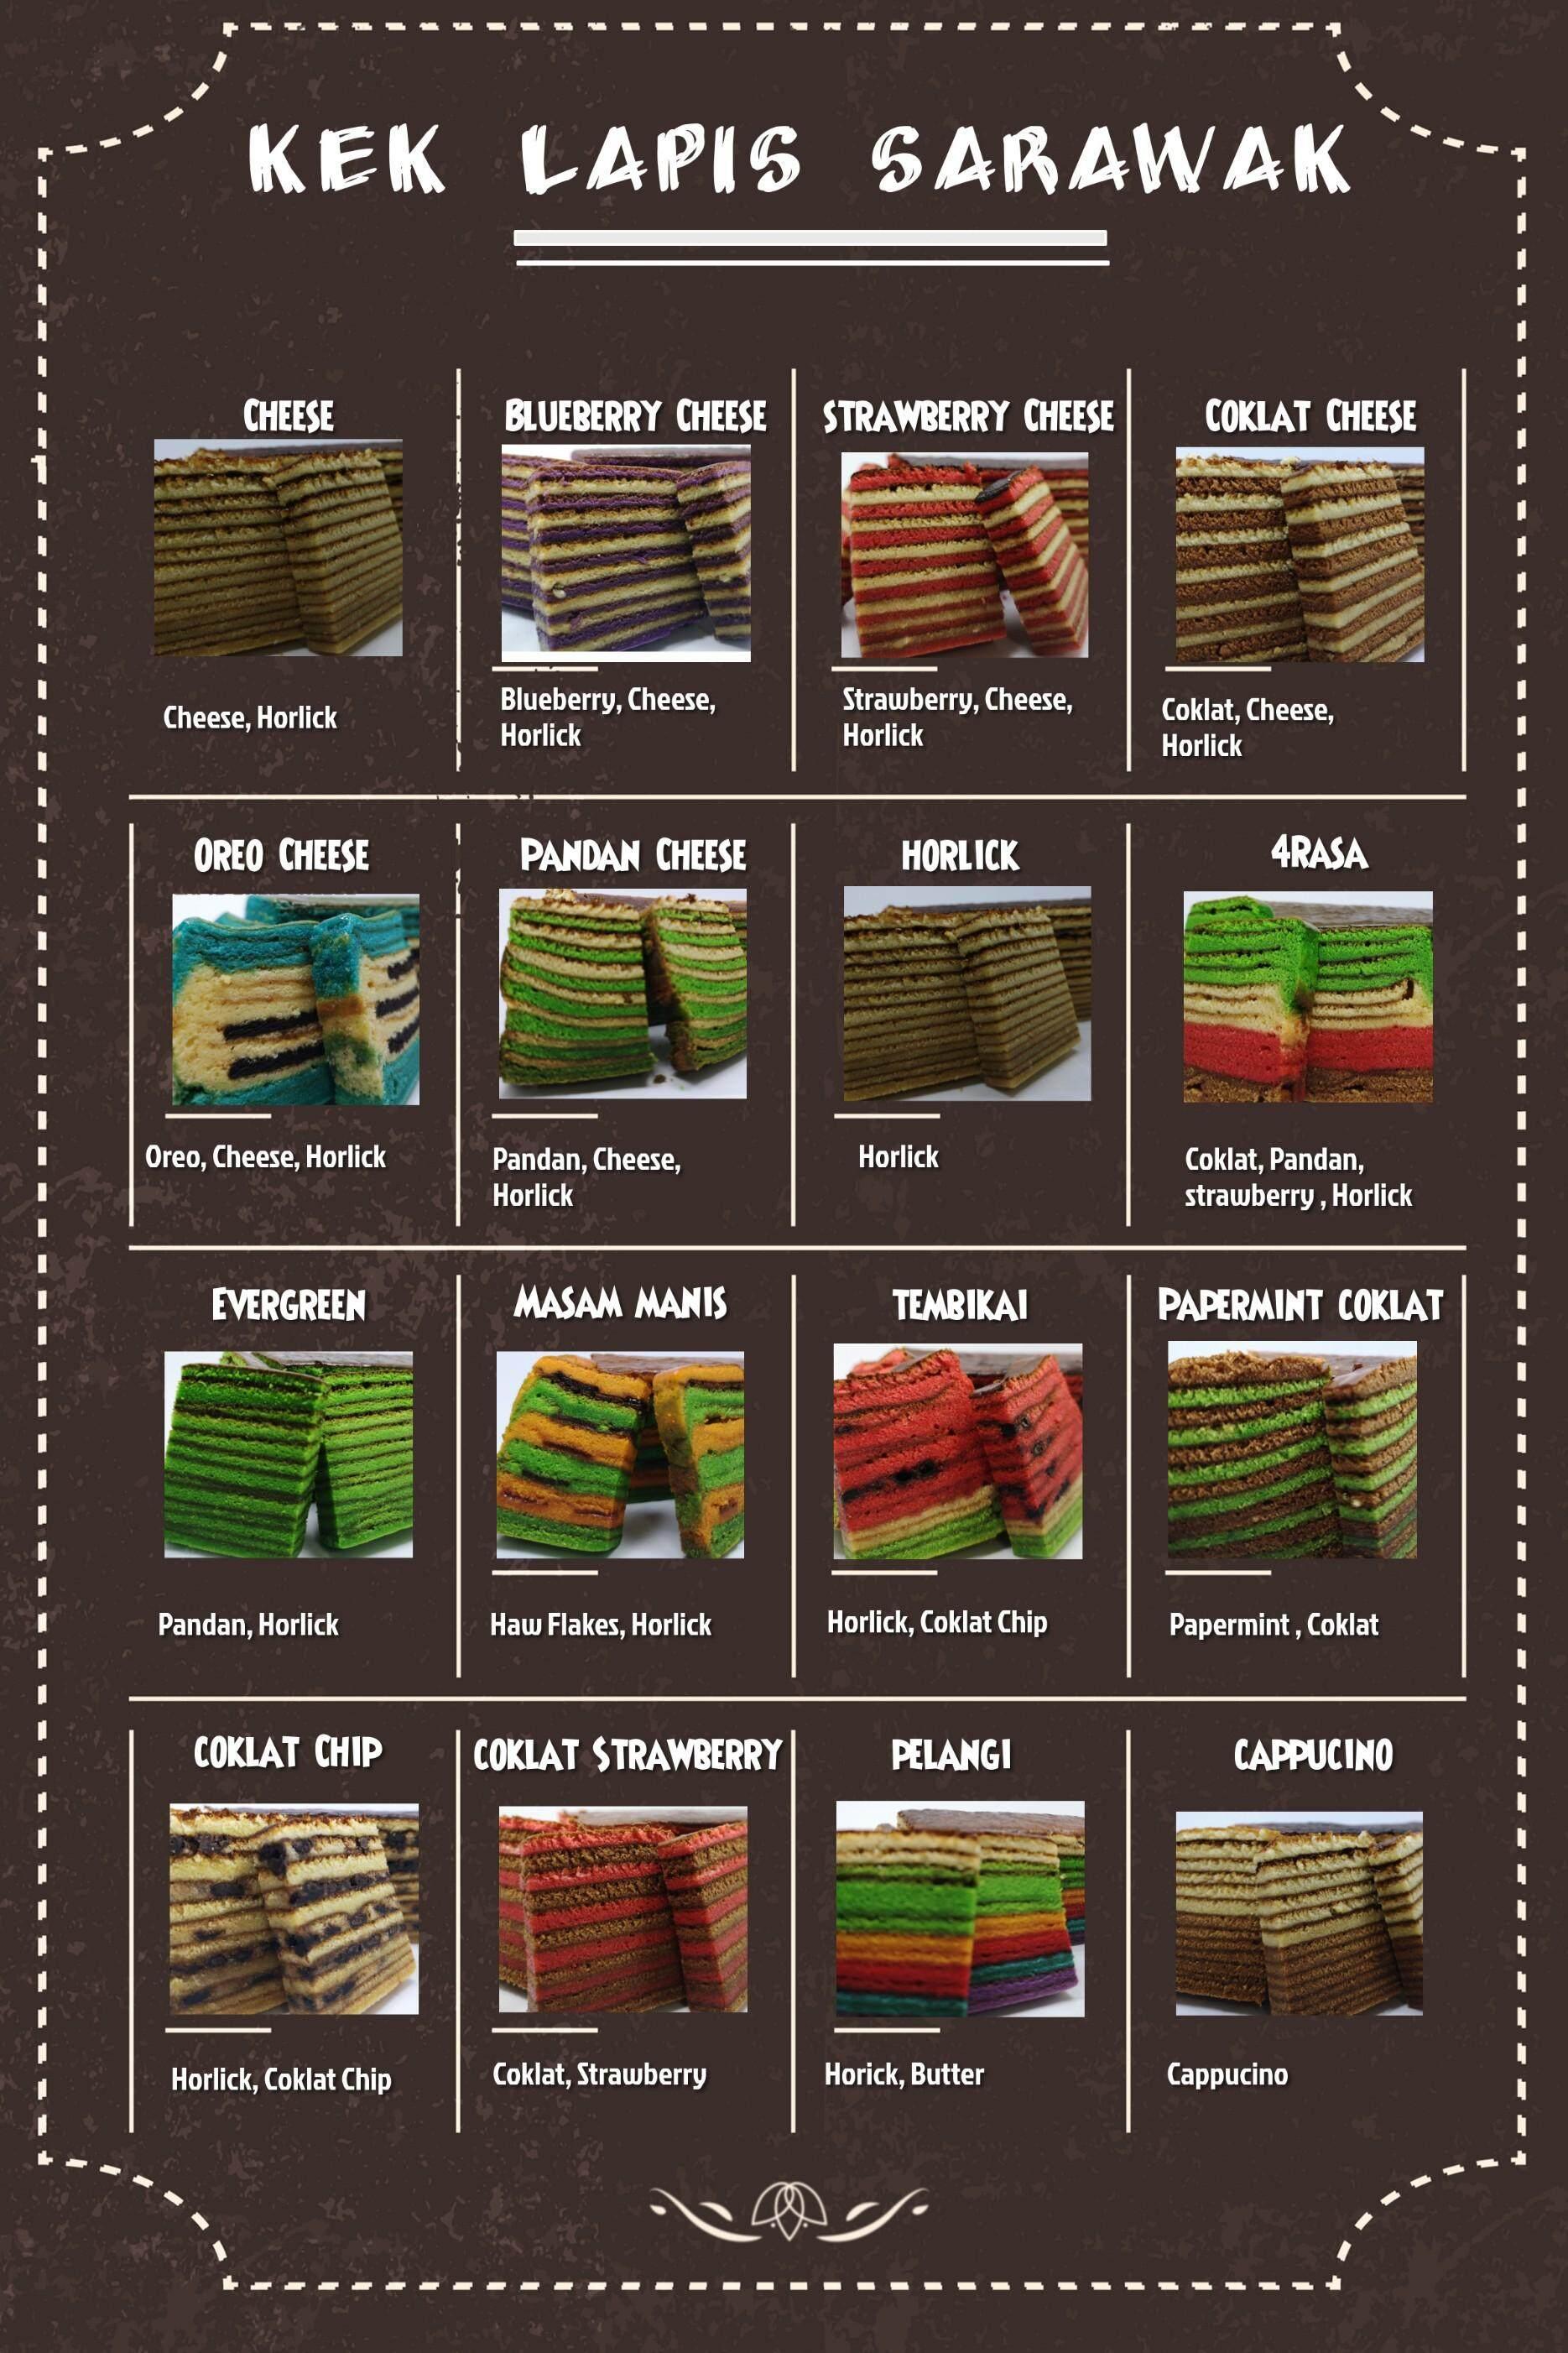 Preorder Kek Lapis Sarawak Cappucino Lazada